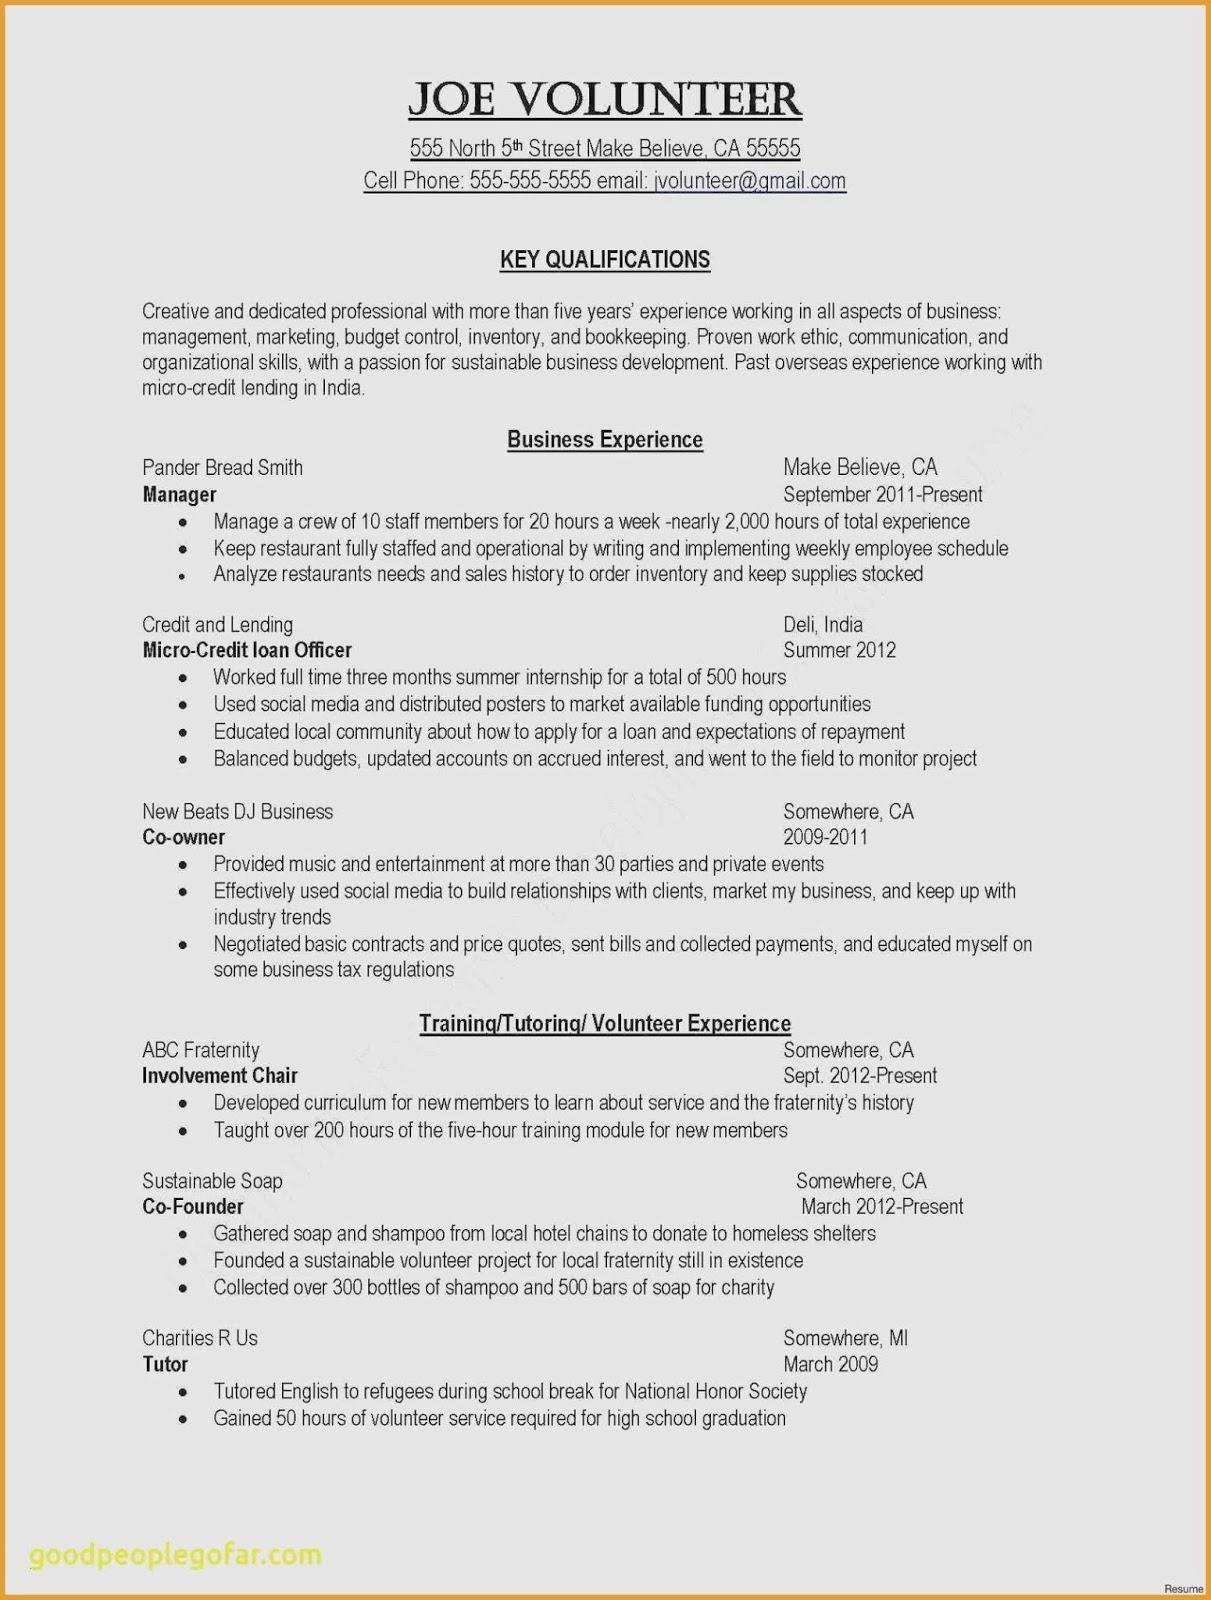 Academic Resume Builder 2019 School Resume Templates 2020 academic resume builder academic resume builder school resume builder educational resume builder academic resume builder free high school resume builder free high school resume builder for college ashford university resume builder tool high school resume builder template